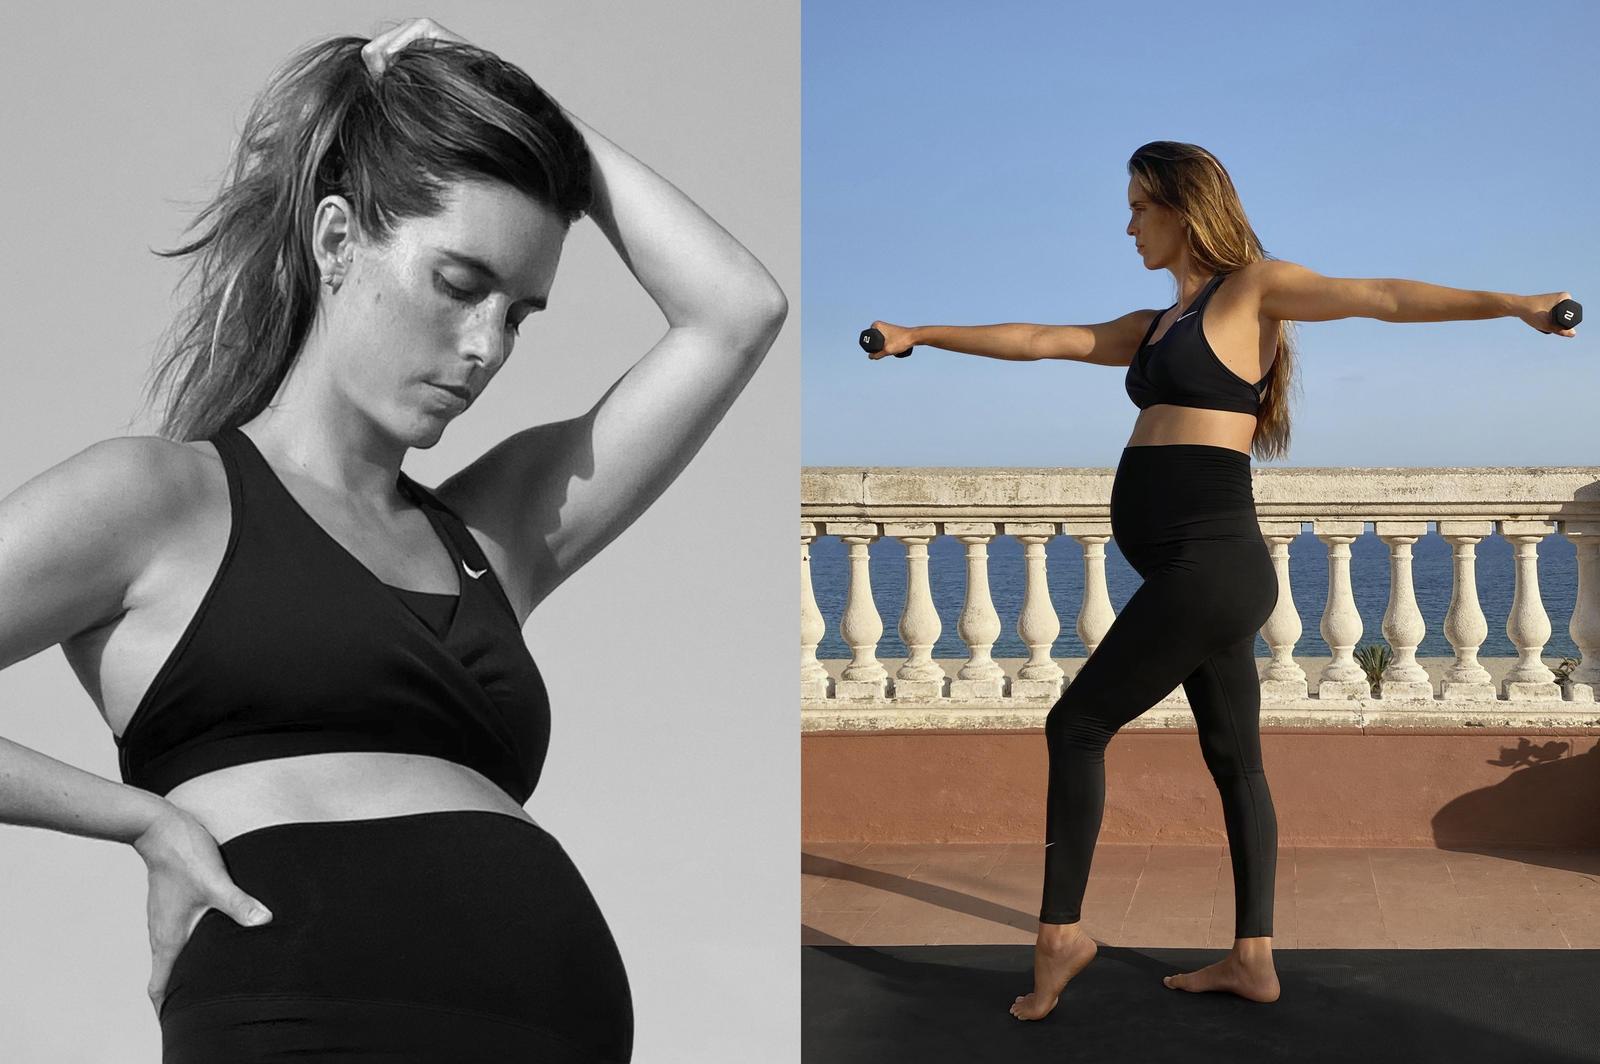 Материнство и спорт: Nike впервые выпустили коллекцию спортивной одежды для беременных (ФОТО) - фото №2